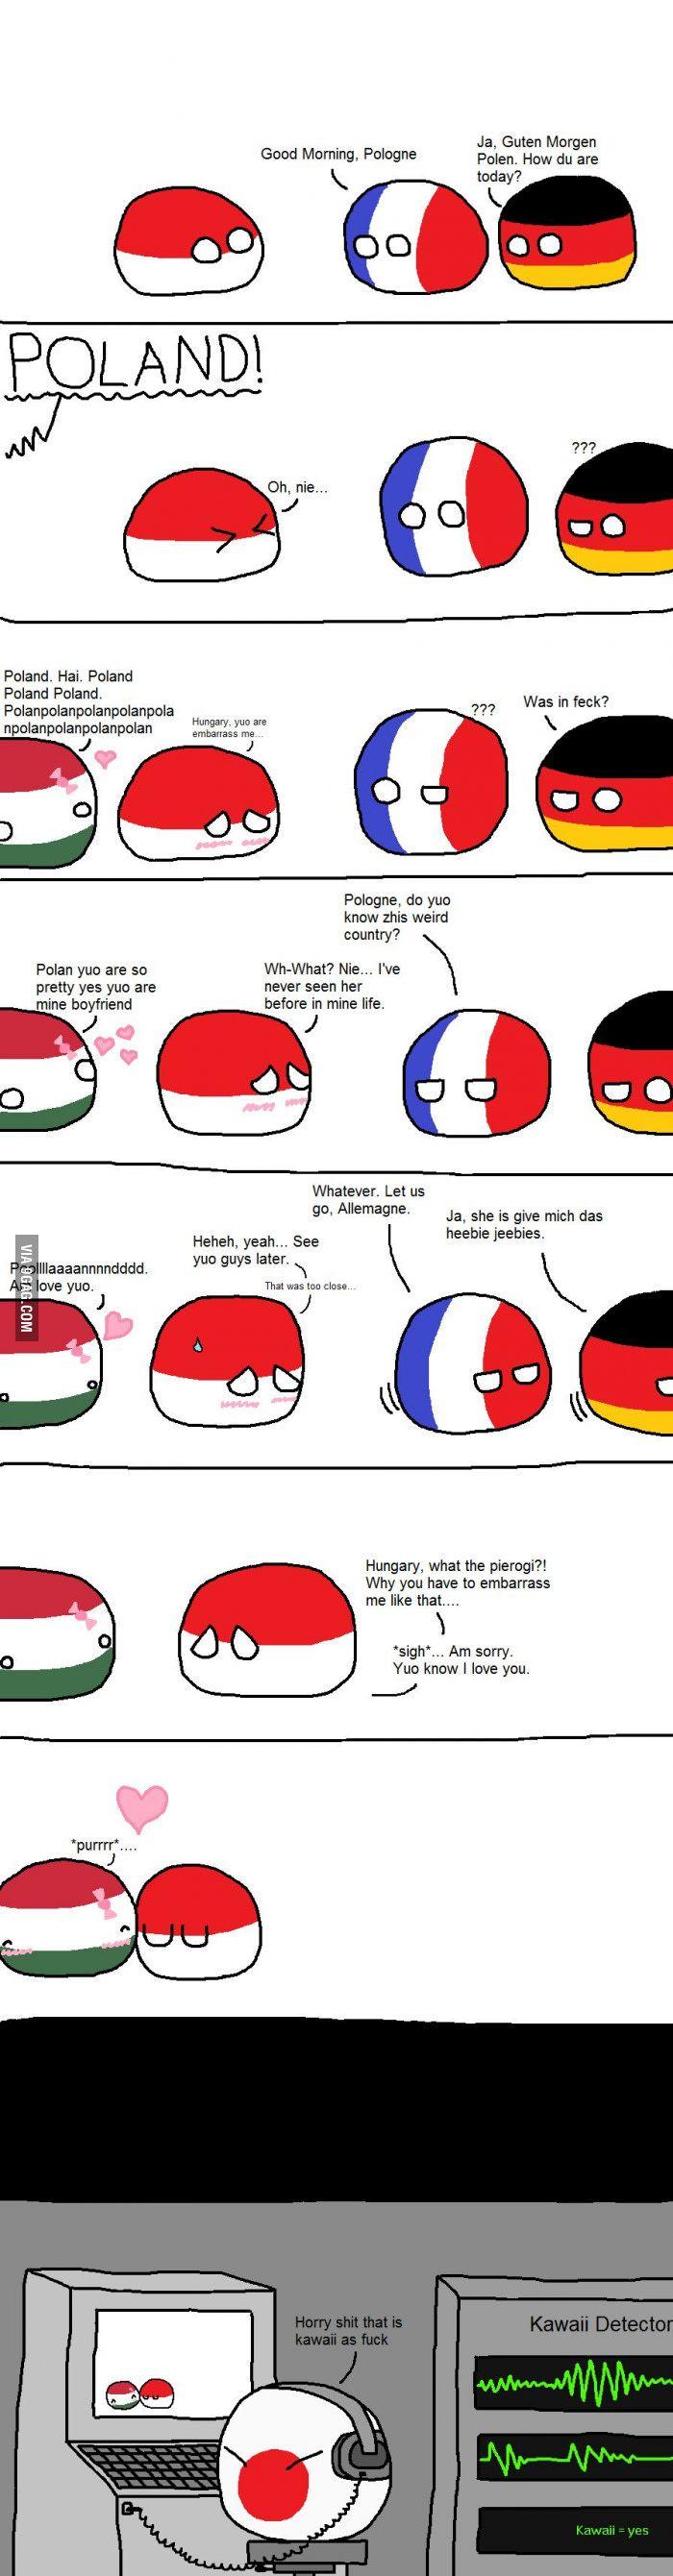 Poland's secret - 9GAG